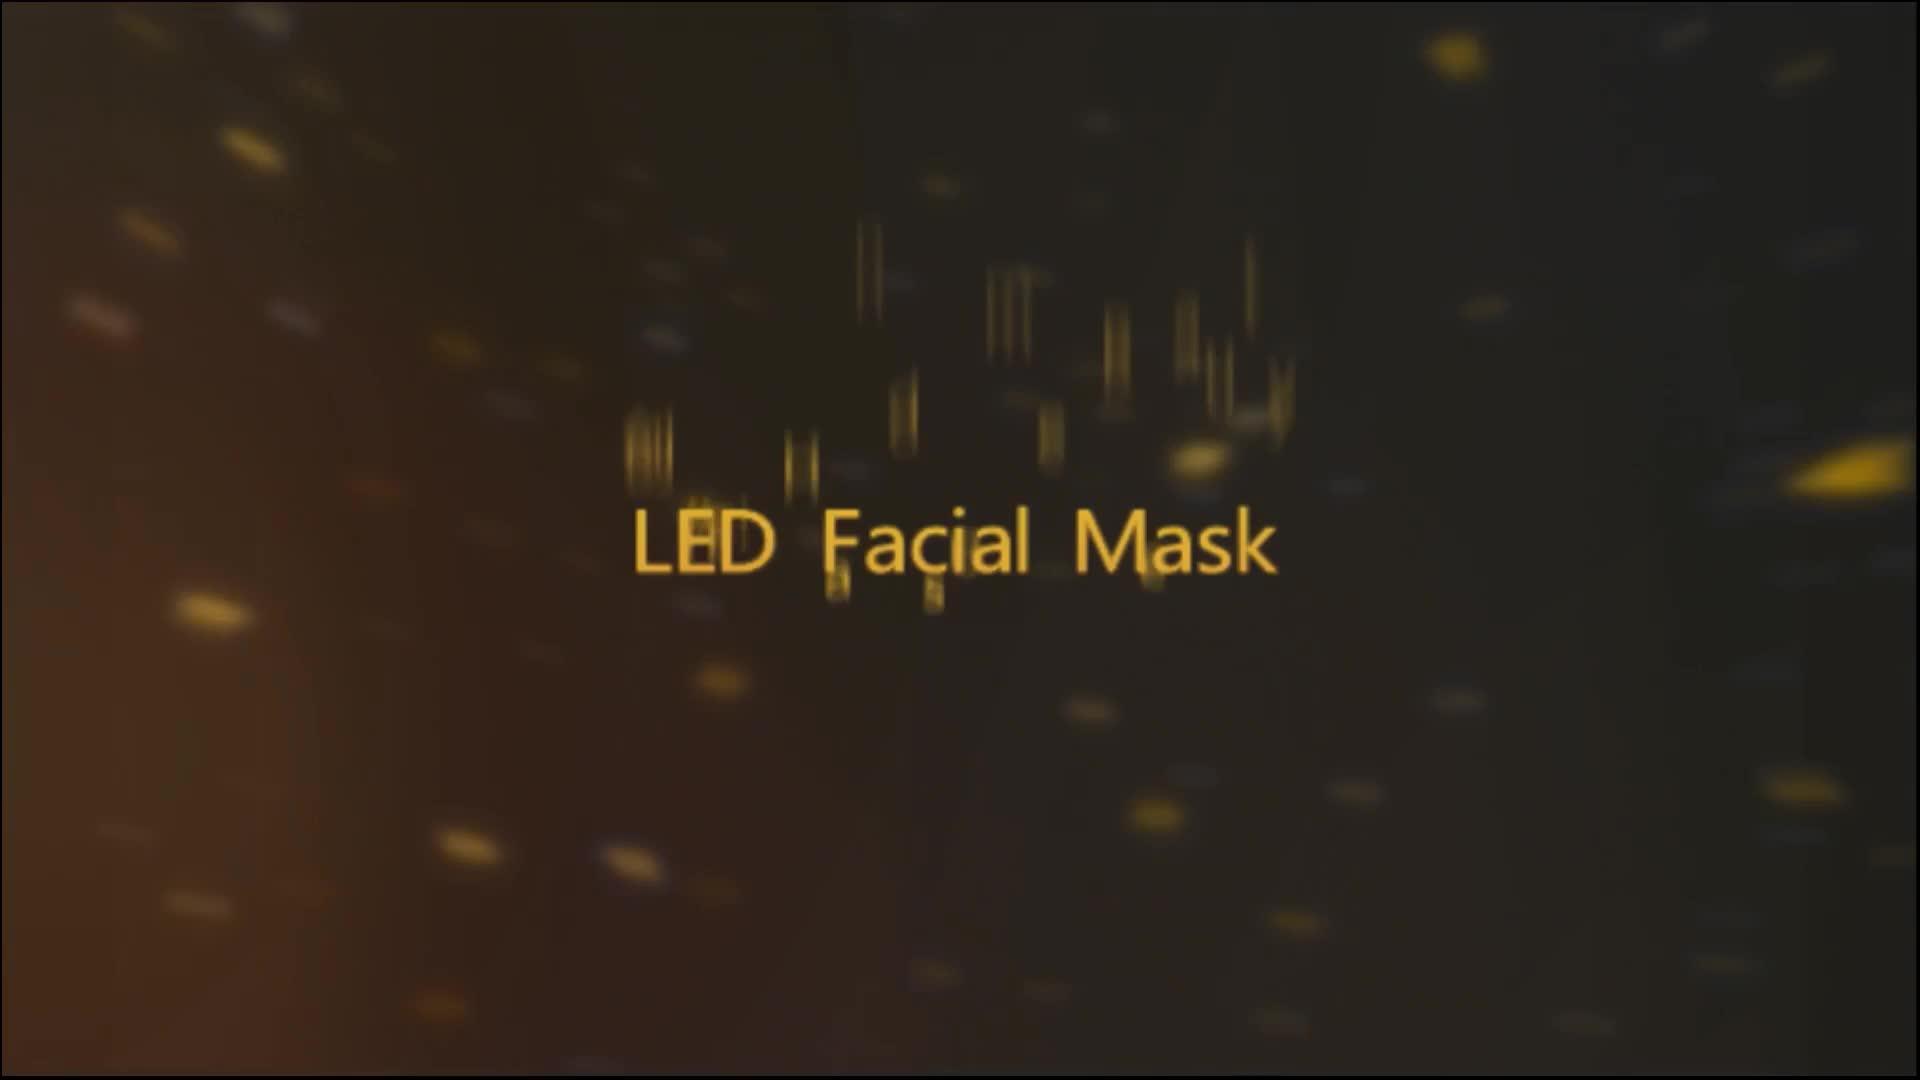 Fotone Terapia Della Luce ringiovanimento Della Pelle 7 Colori Led Maschera Per Il Viso